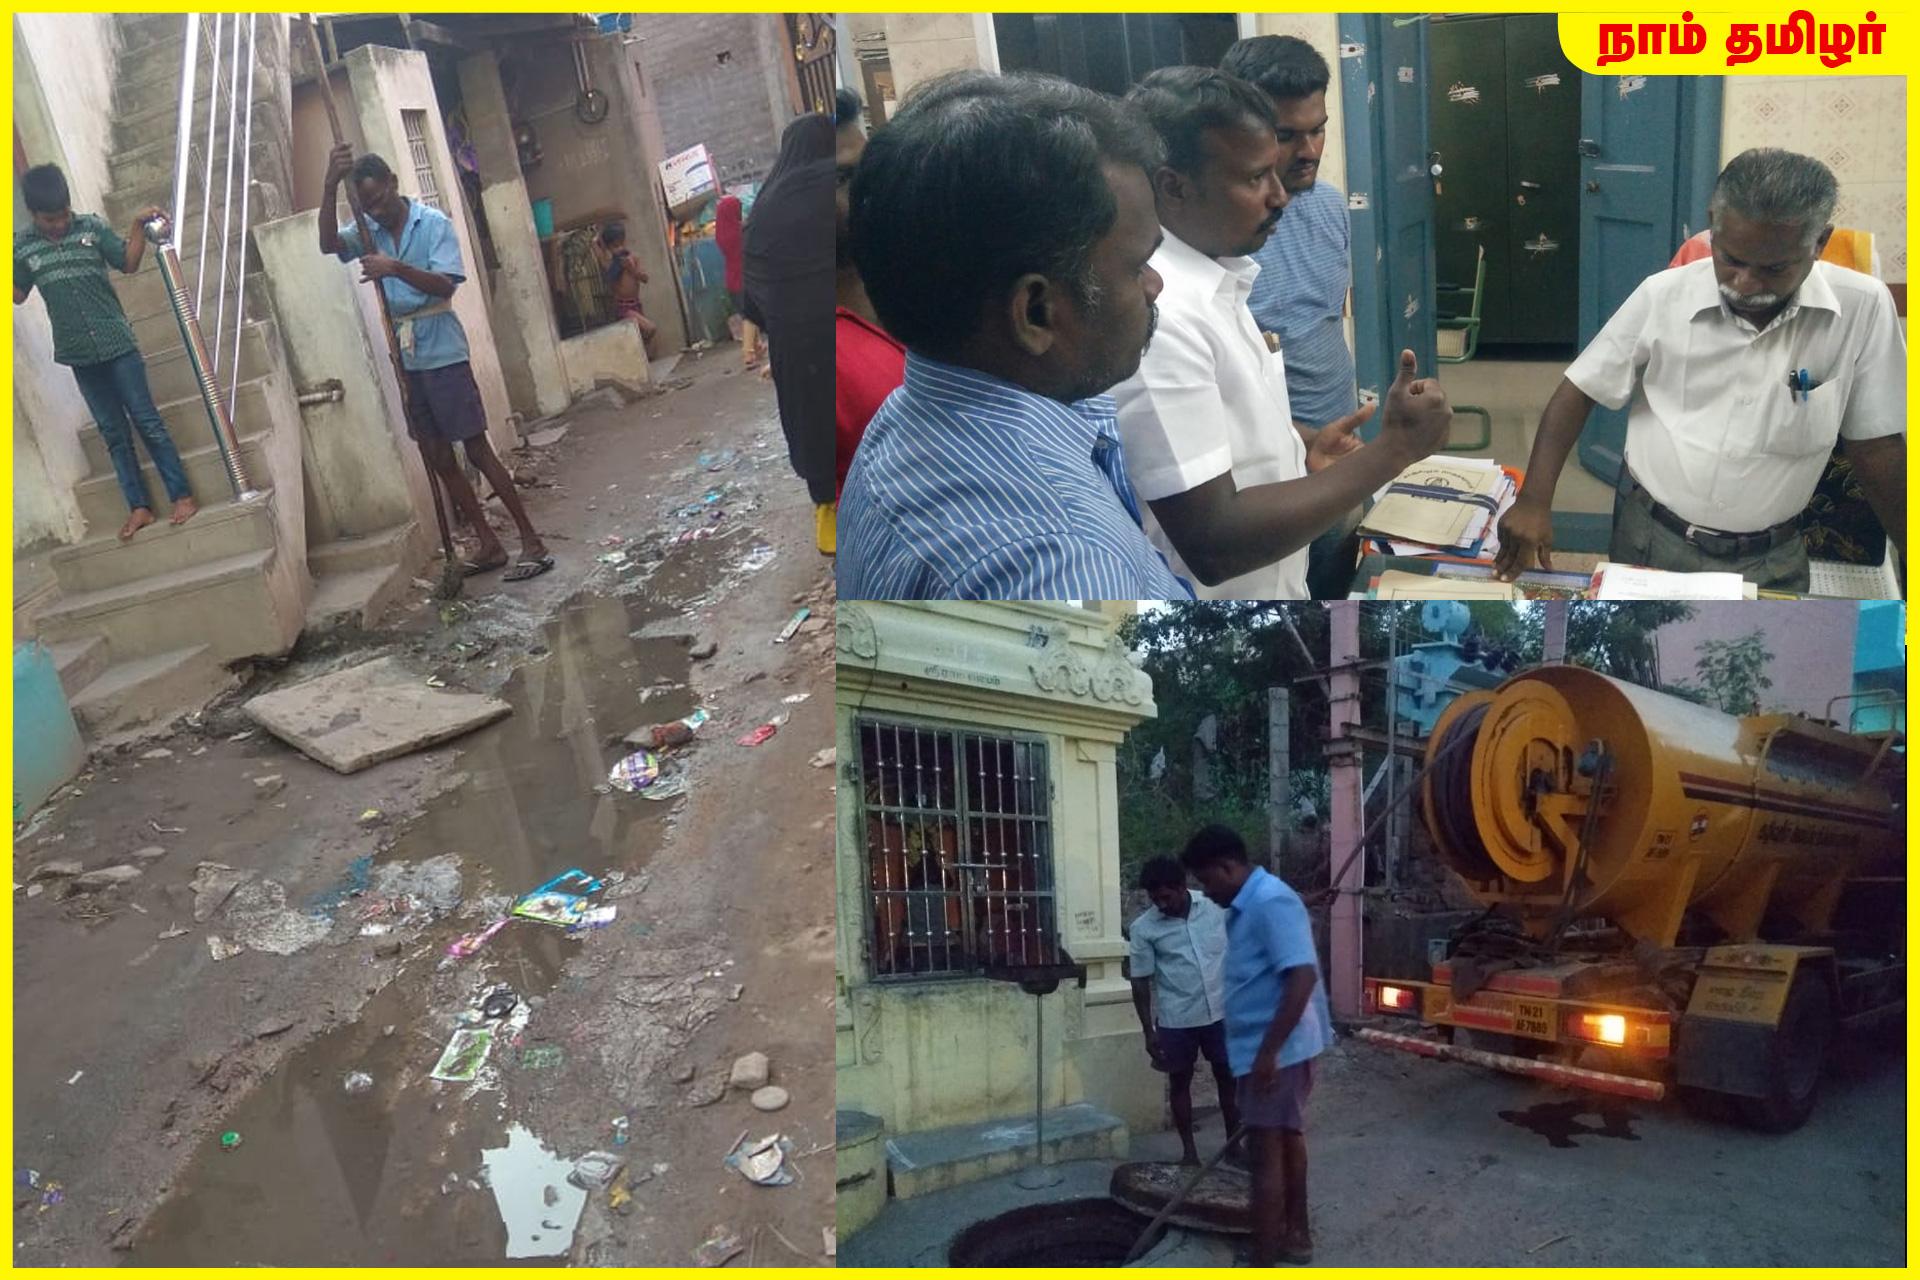 கழிவுநீர் கால்வாய் சீர் செய்ய மனு-காஞ்சிபுரம் தொகுதி